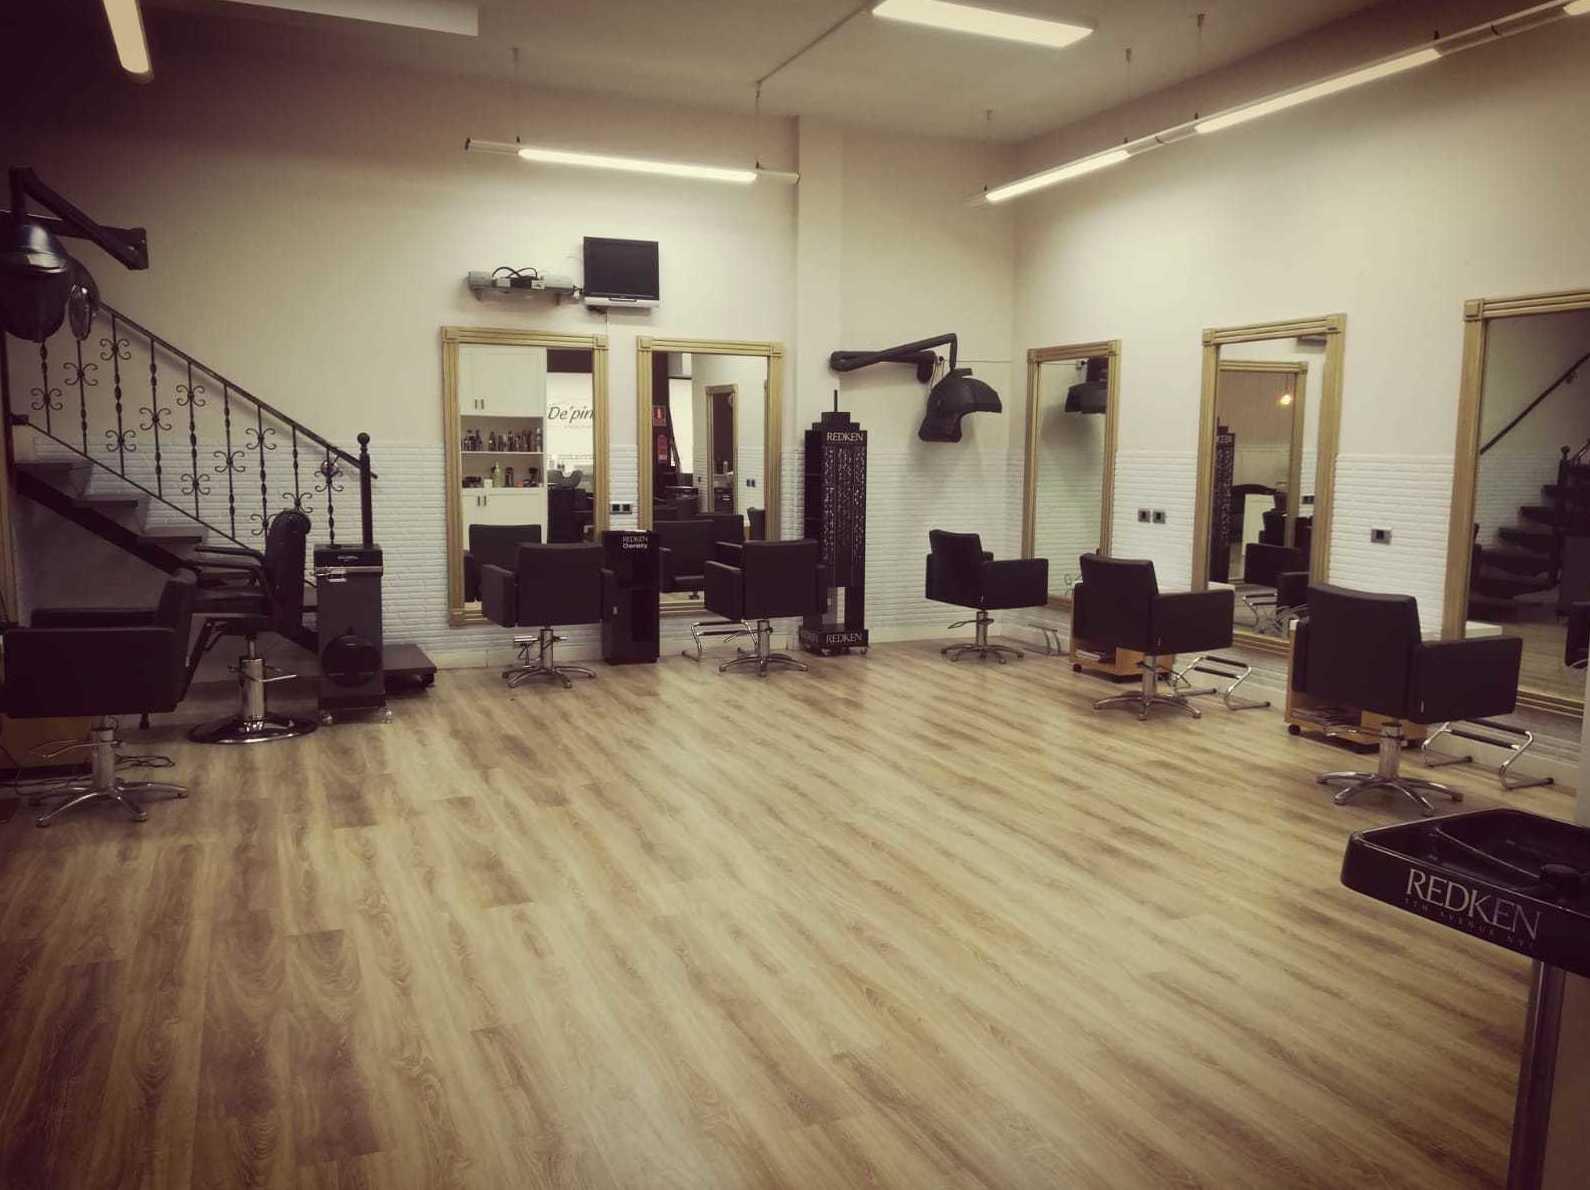 Foto 21 de Salón de belleza, peluquería y estética en Arucas | De´Pinie Peluquería